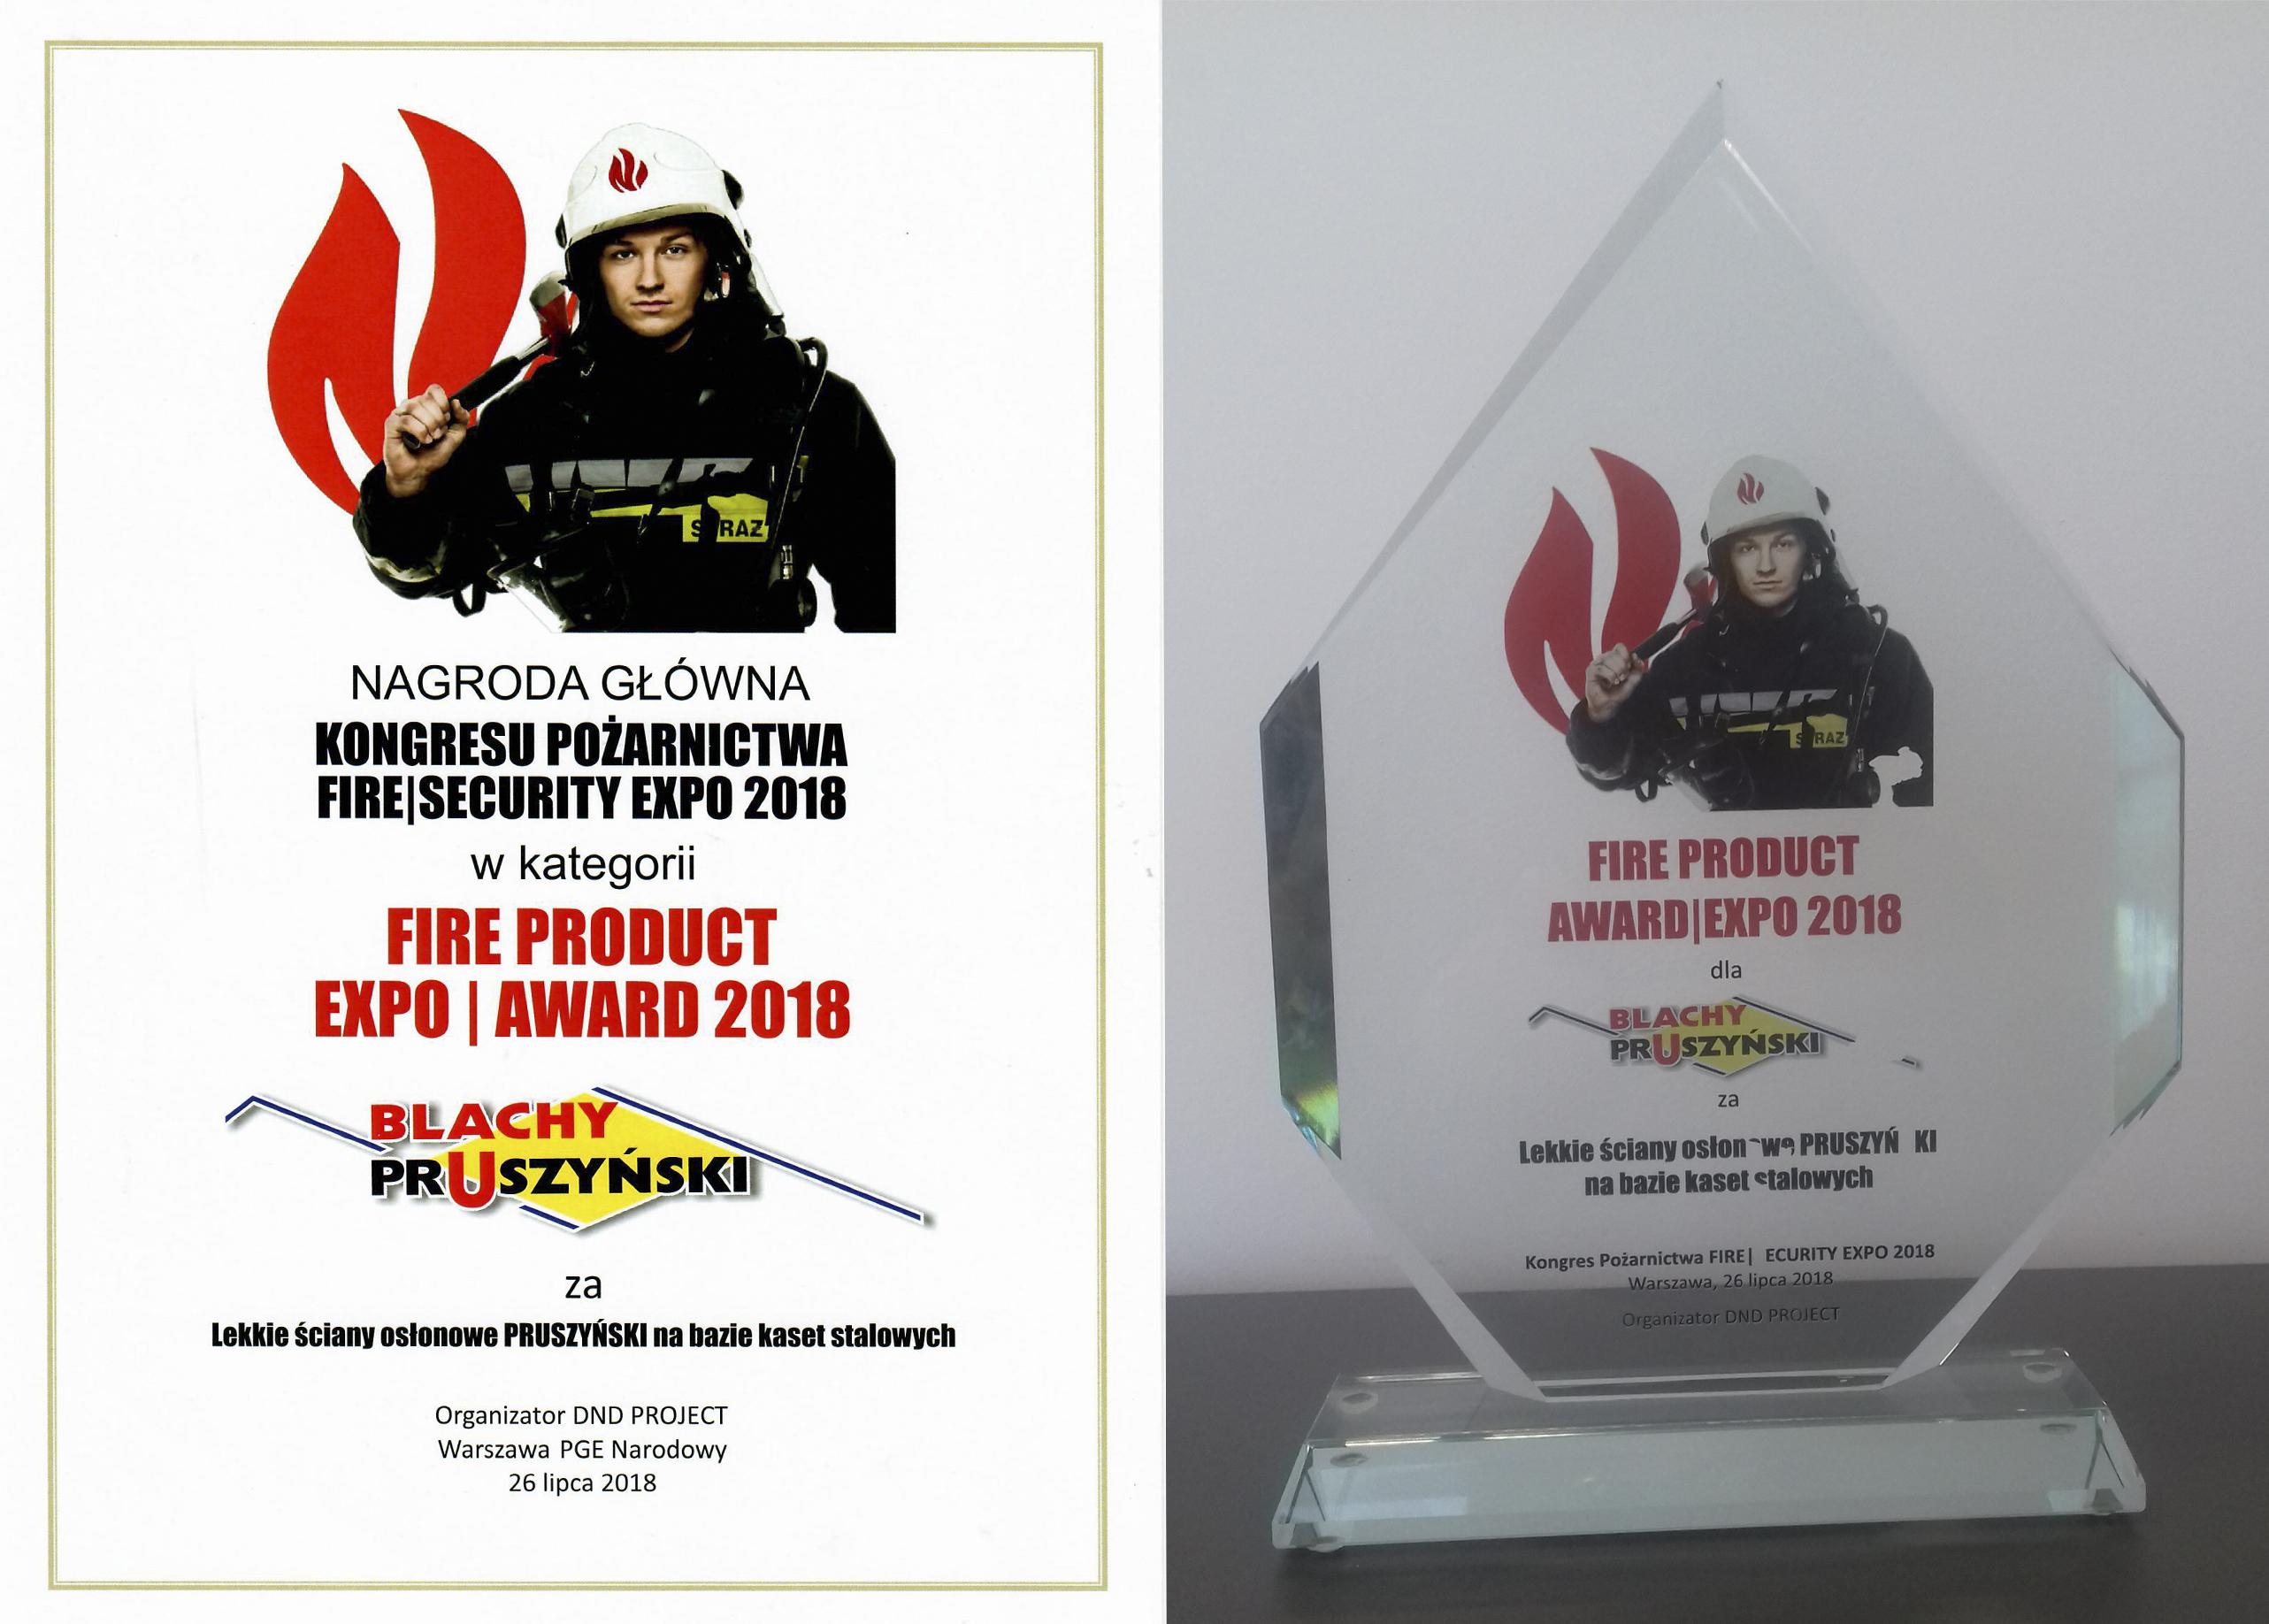 BLACHY PRUSZYŃSKI – NAGRODA GŁÓWNA KONGRESU POŻARNICTWA FIRE SECURITY EXPO 2018